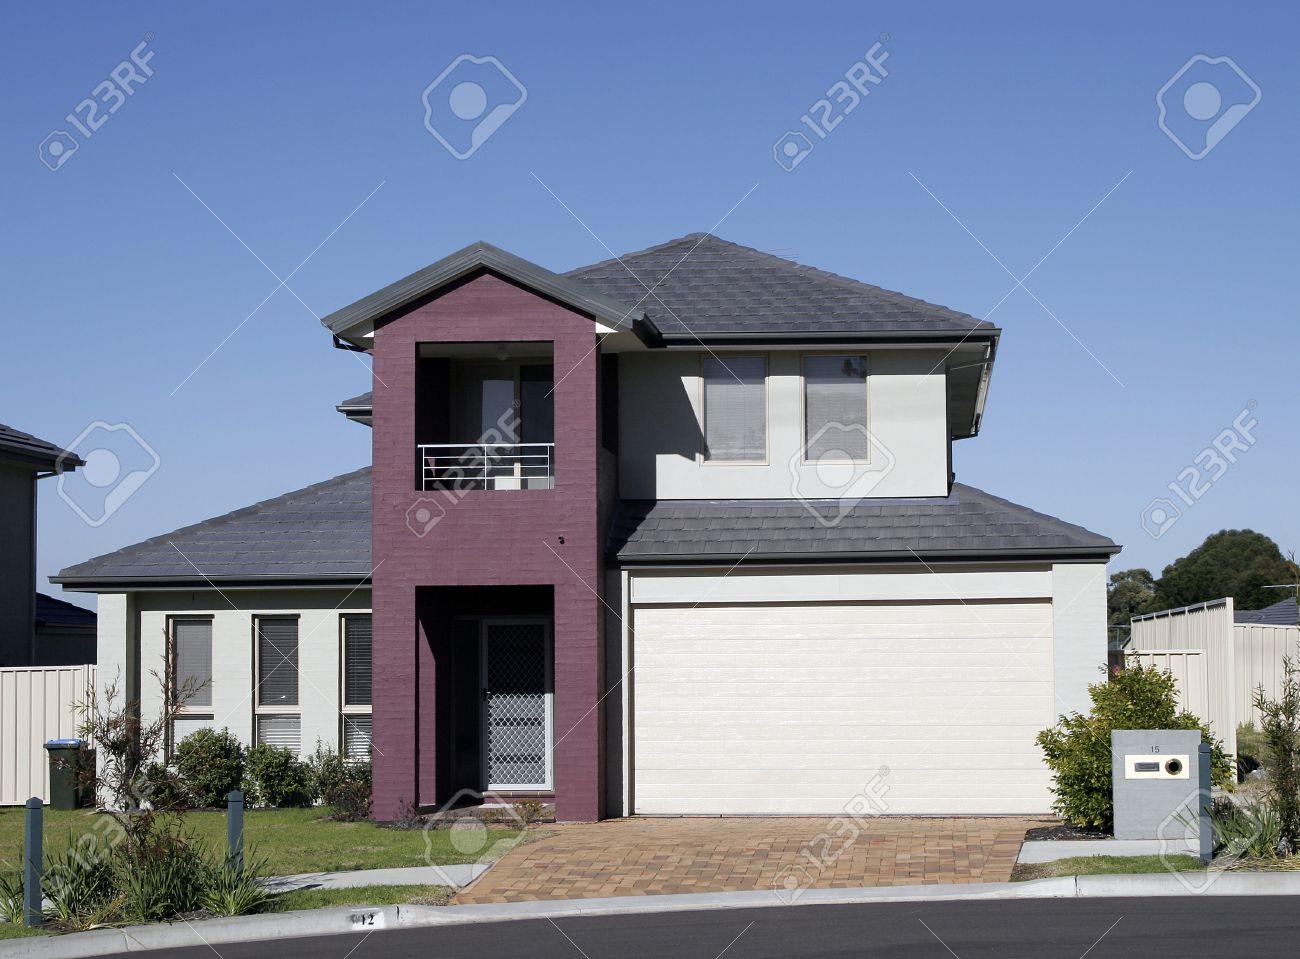 Moderne stadt haus in einem vorort sydney on a summer day australien lizenzfreie bilder